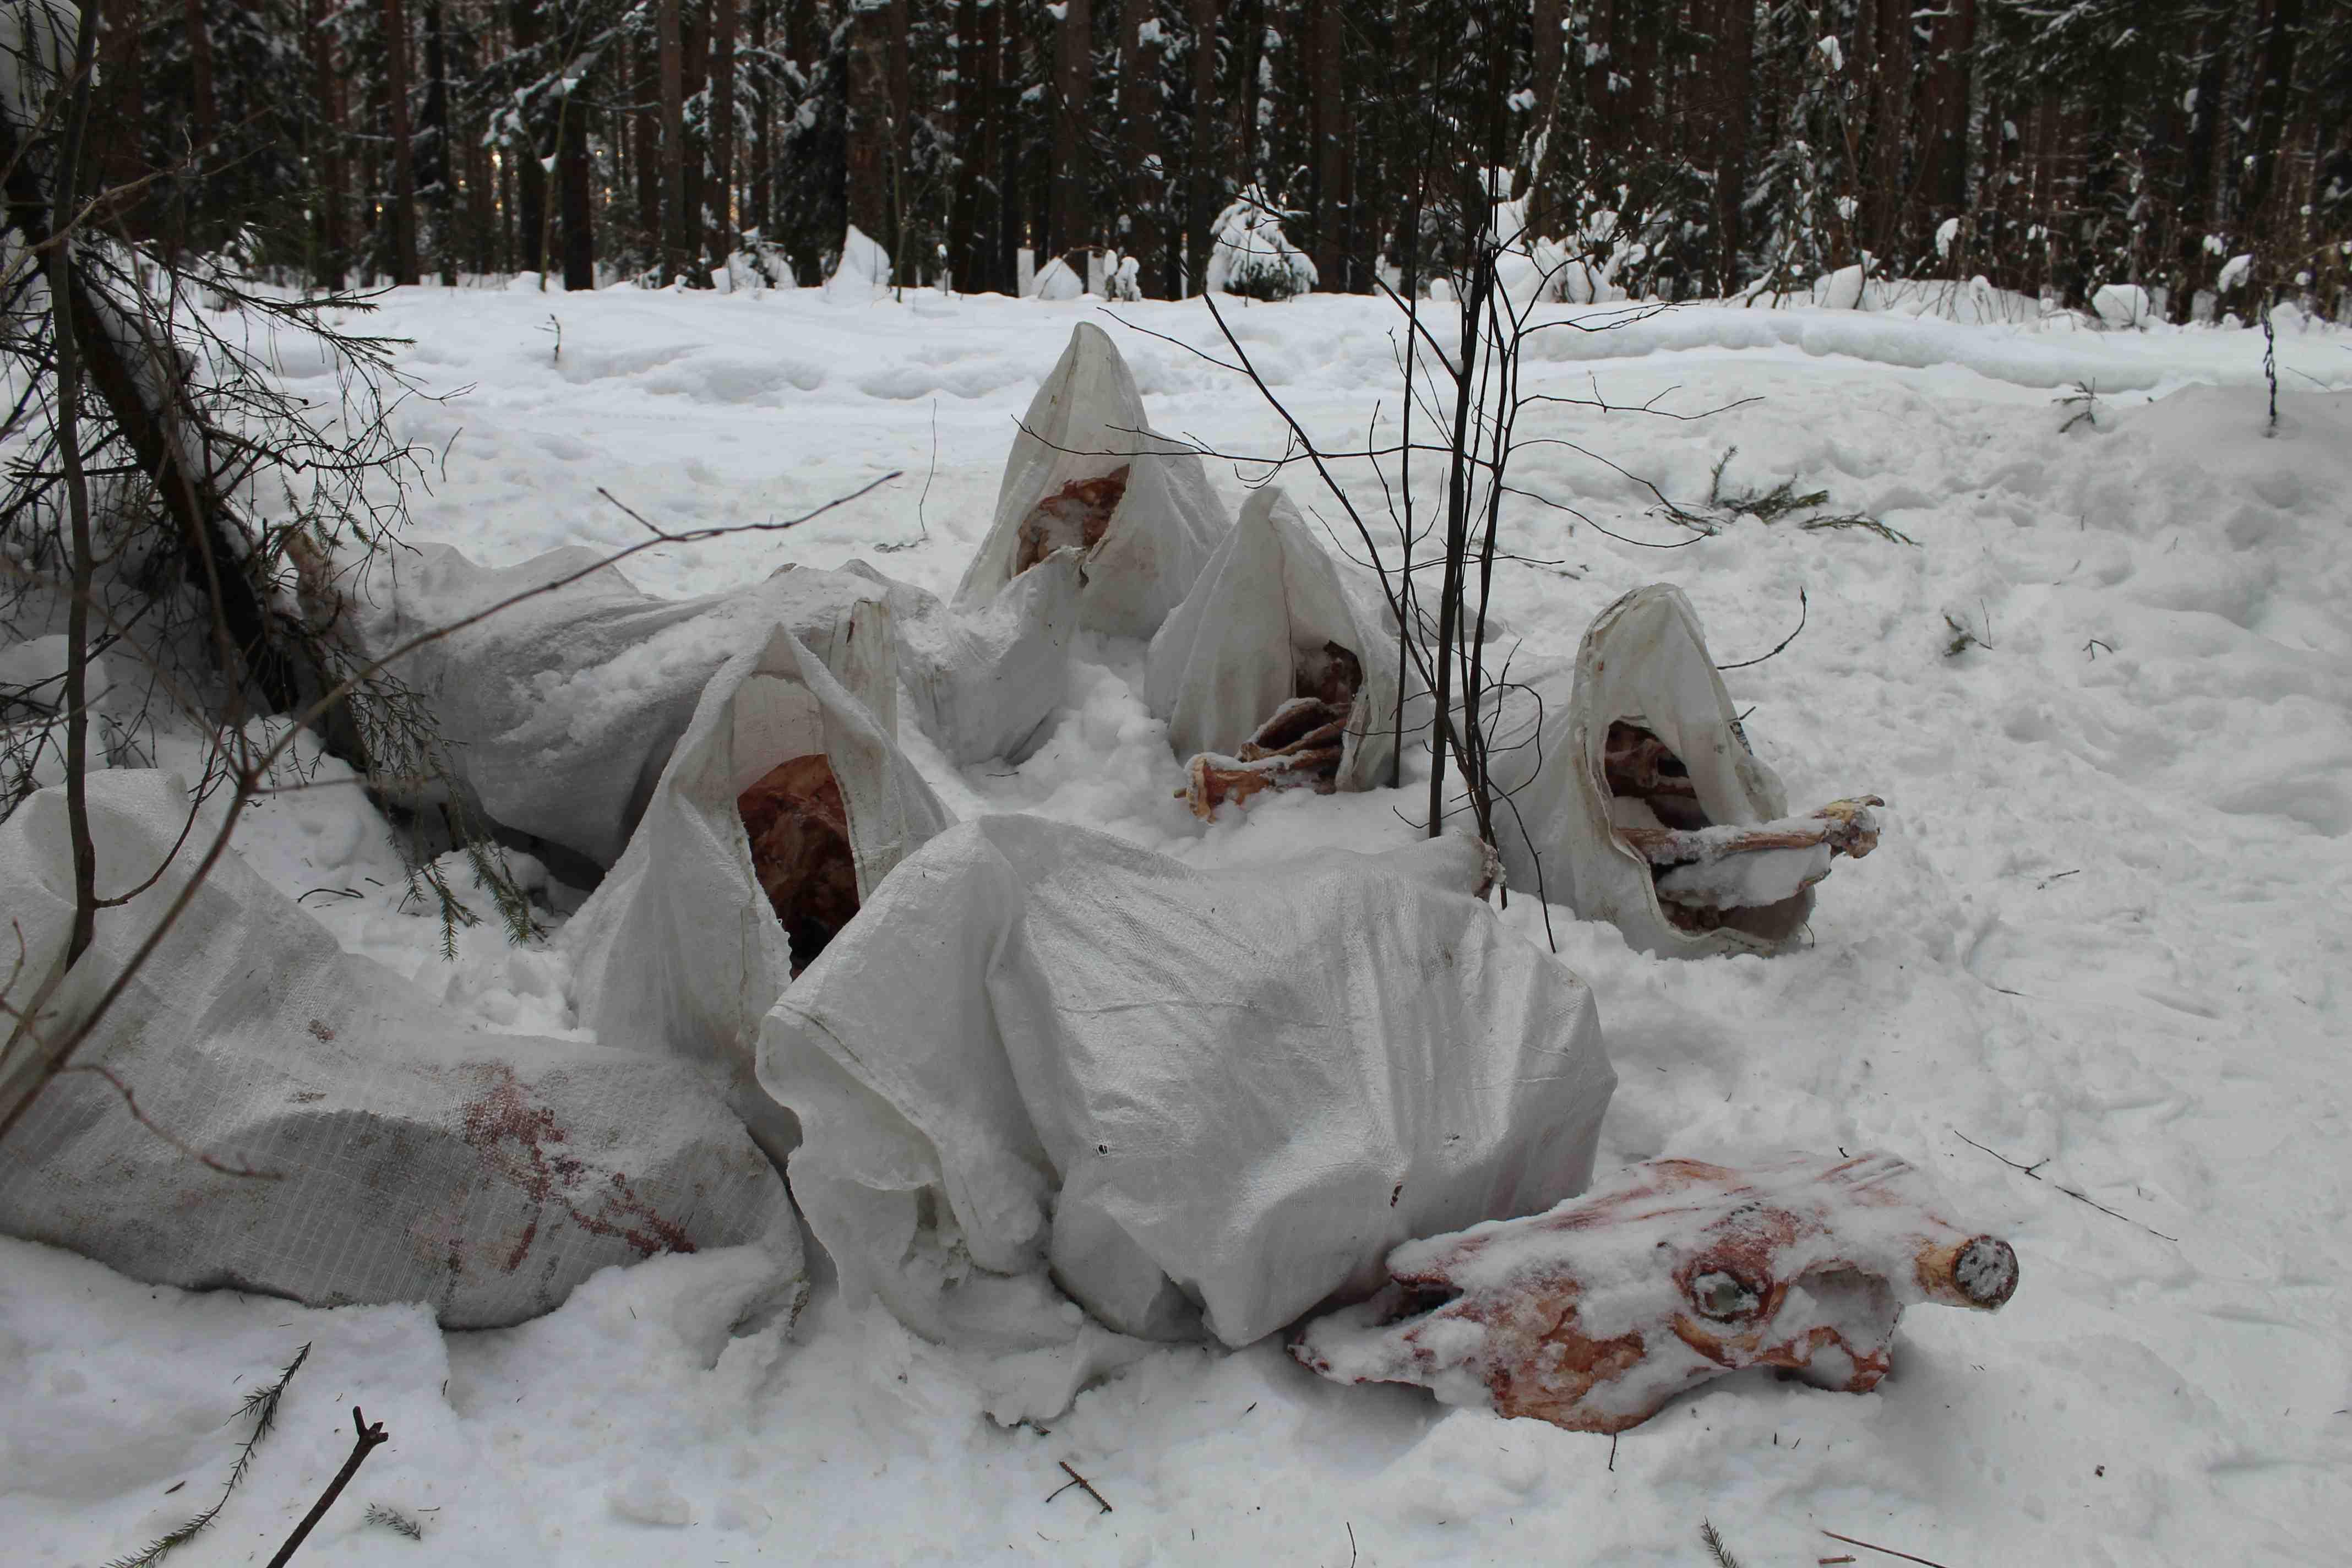 В пригороде Кирова обнаружили очередную свалку с останками животных.